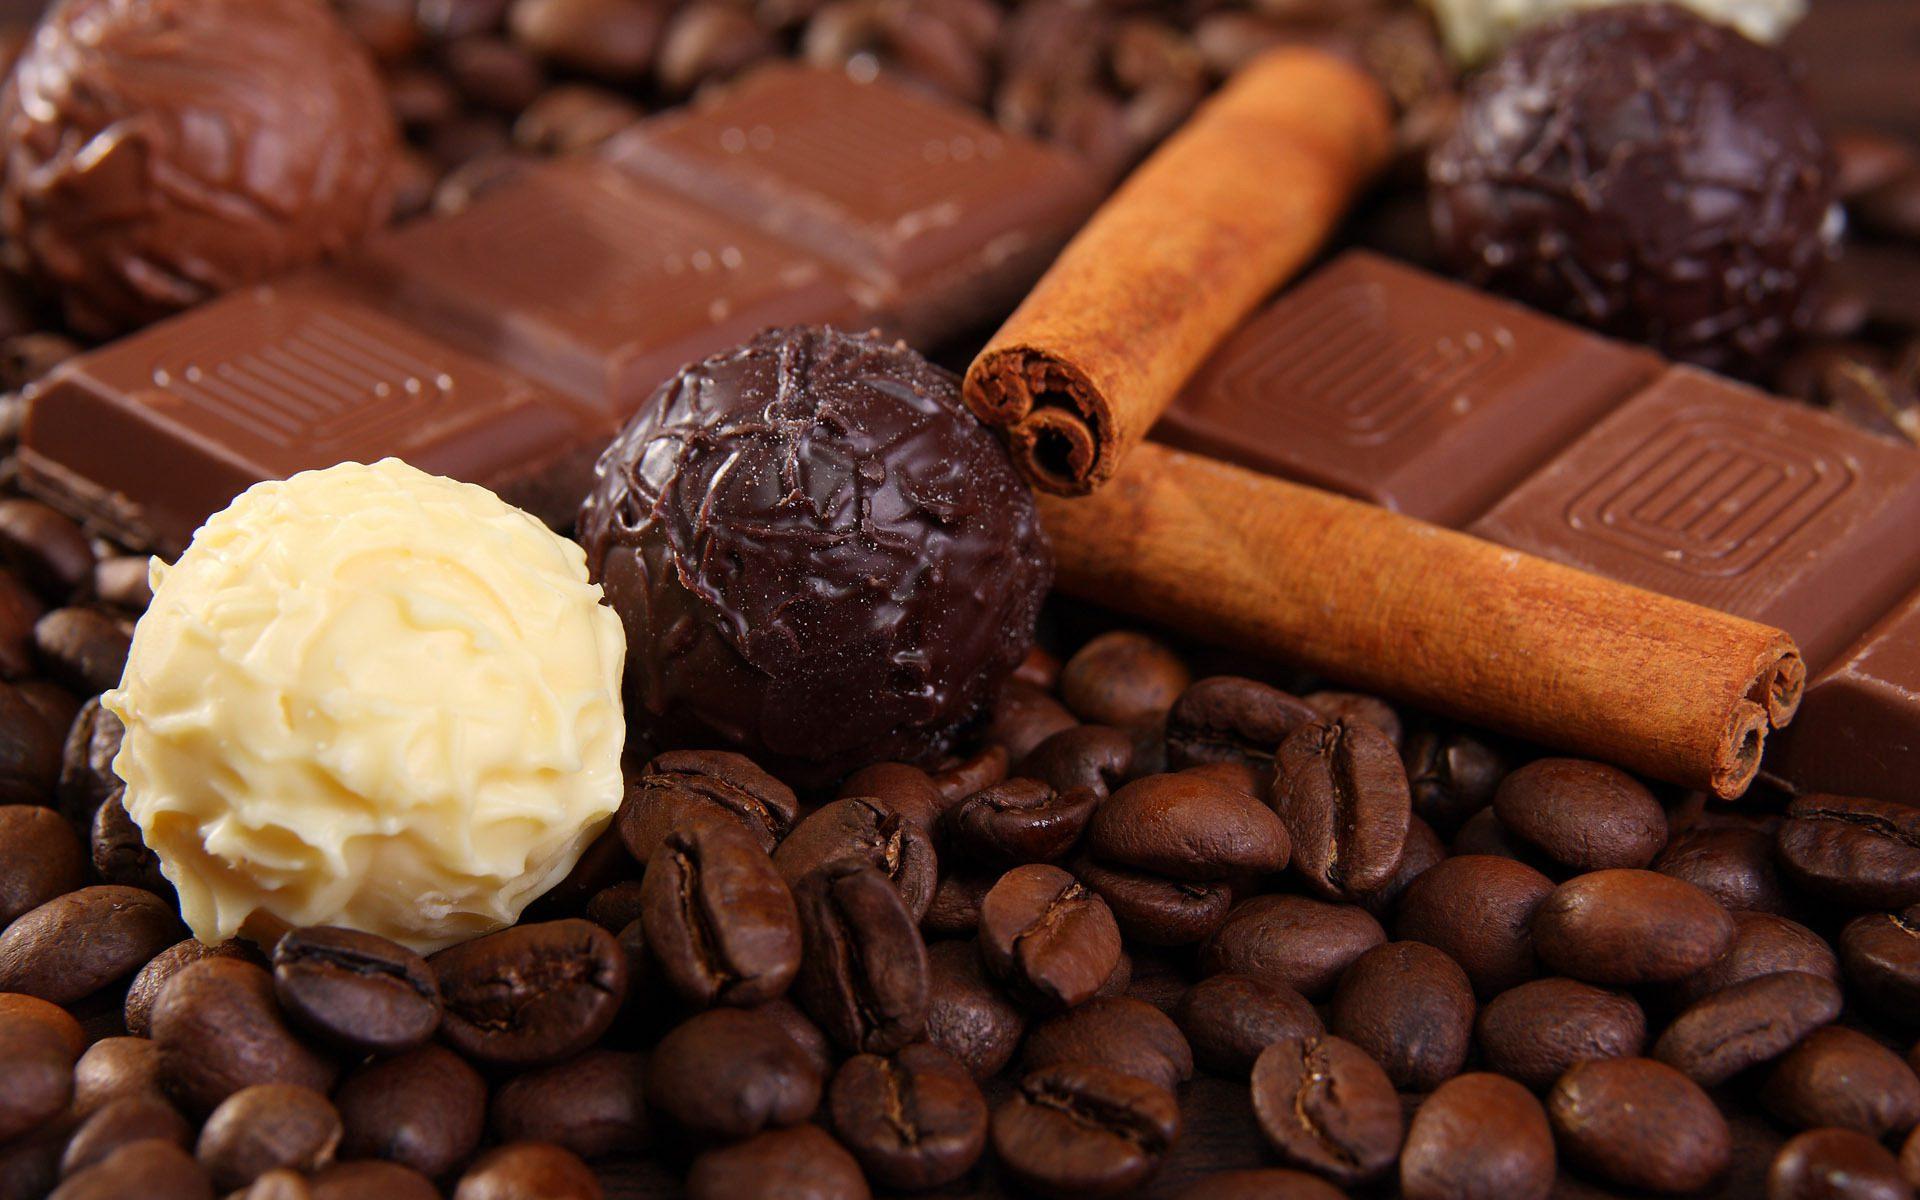 станет картинки кофе и шоколад фон обои флизелиновой